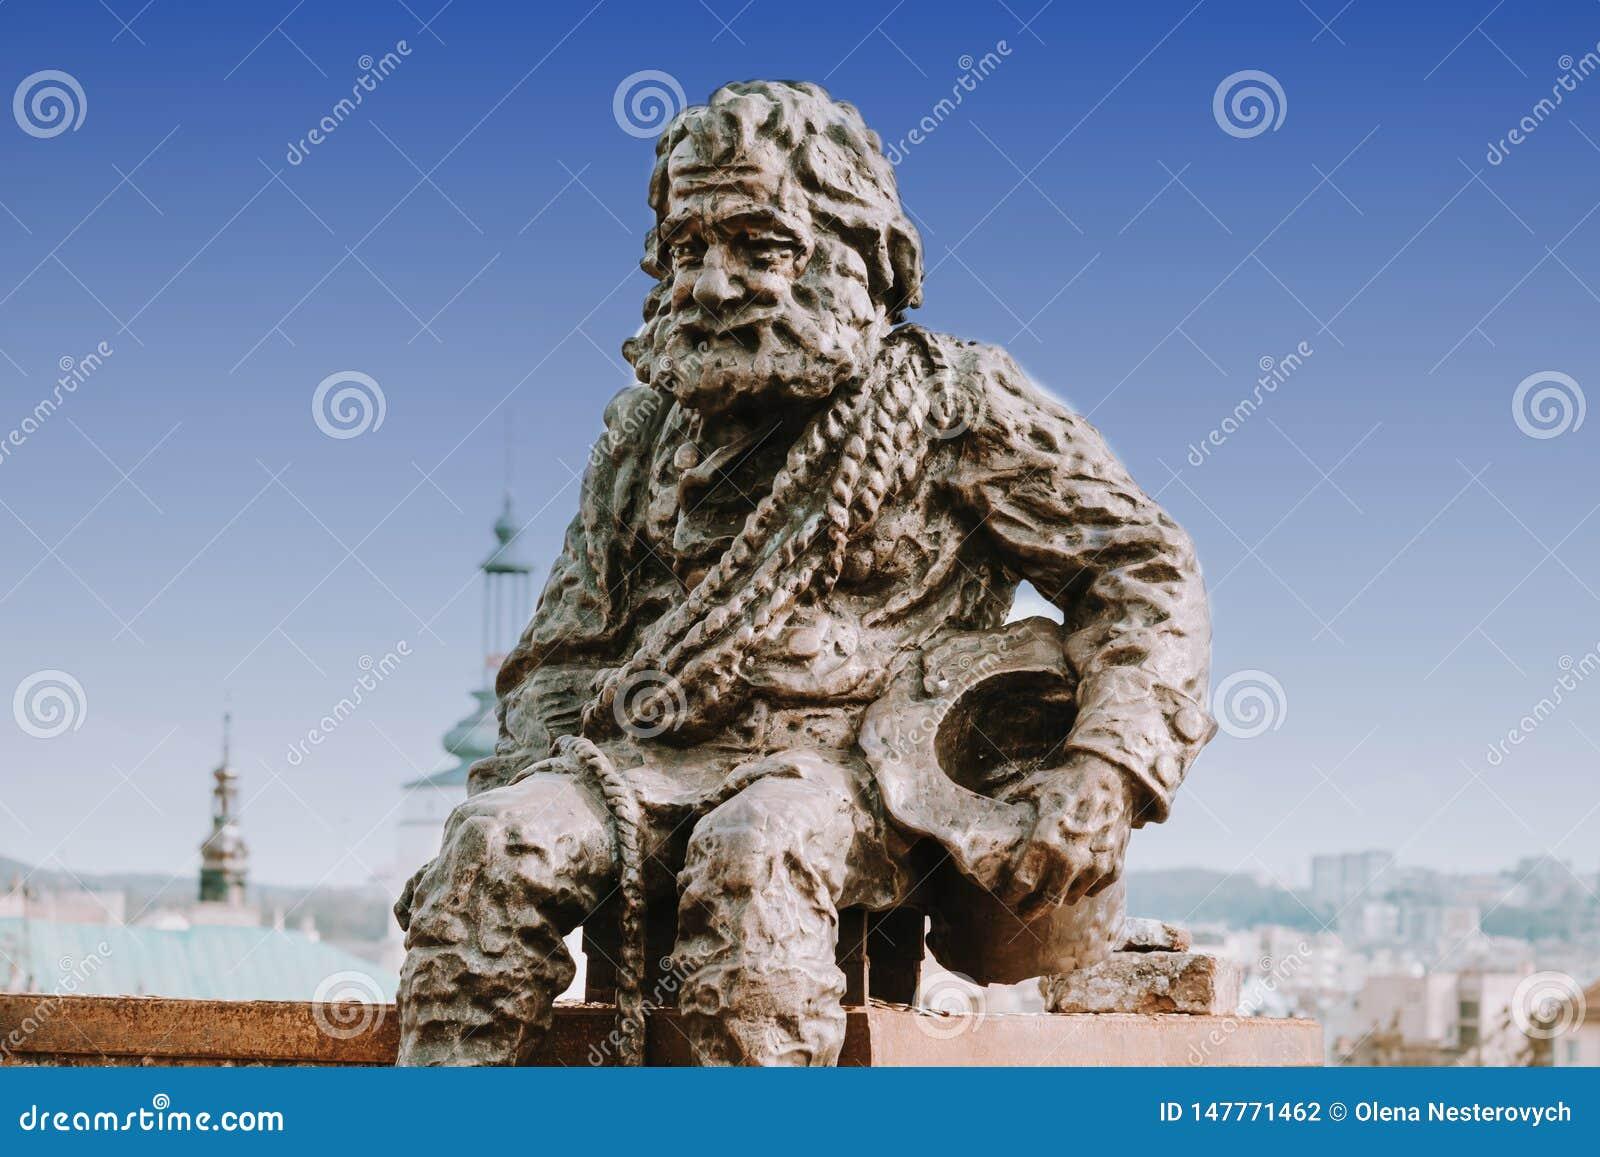 Gestalten Sie einen Schornsteinfeger auf dem Dach des Hauses von Legenden in Lemberg, Ukraine Lvov ist die attraktivste Stadt für